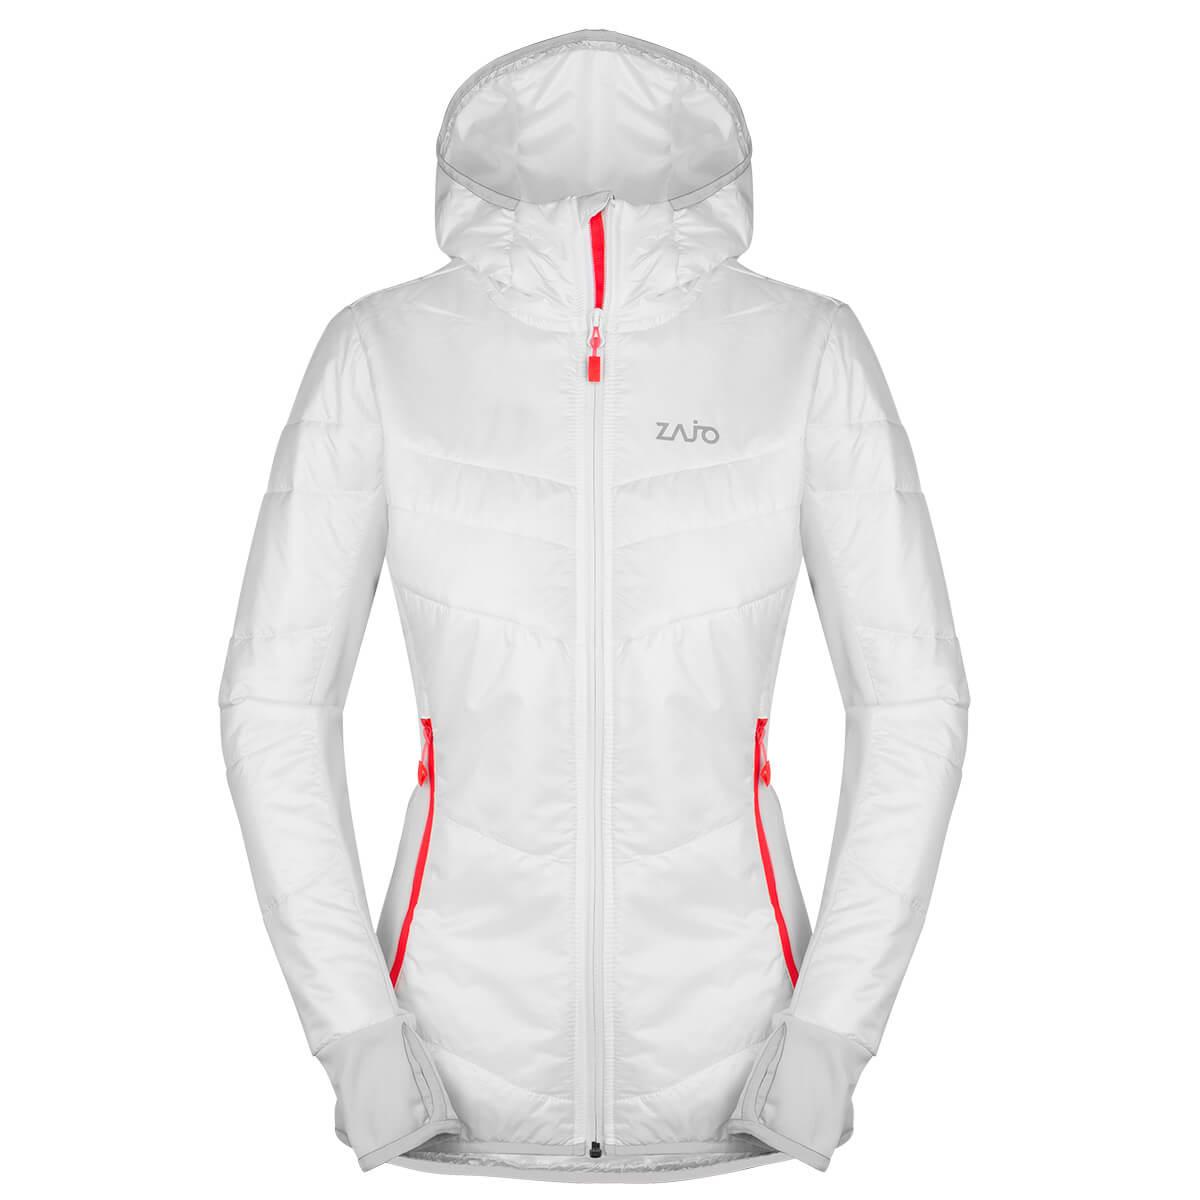 Dámska bunda Zajo Rossa W JKT White - veľkosť XS